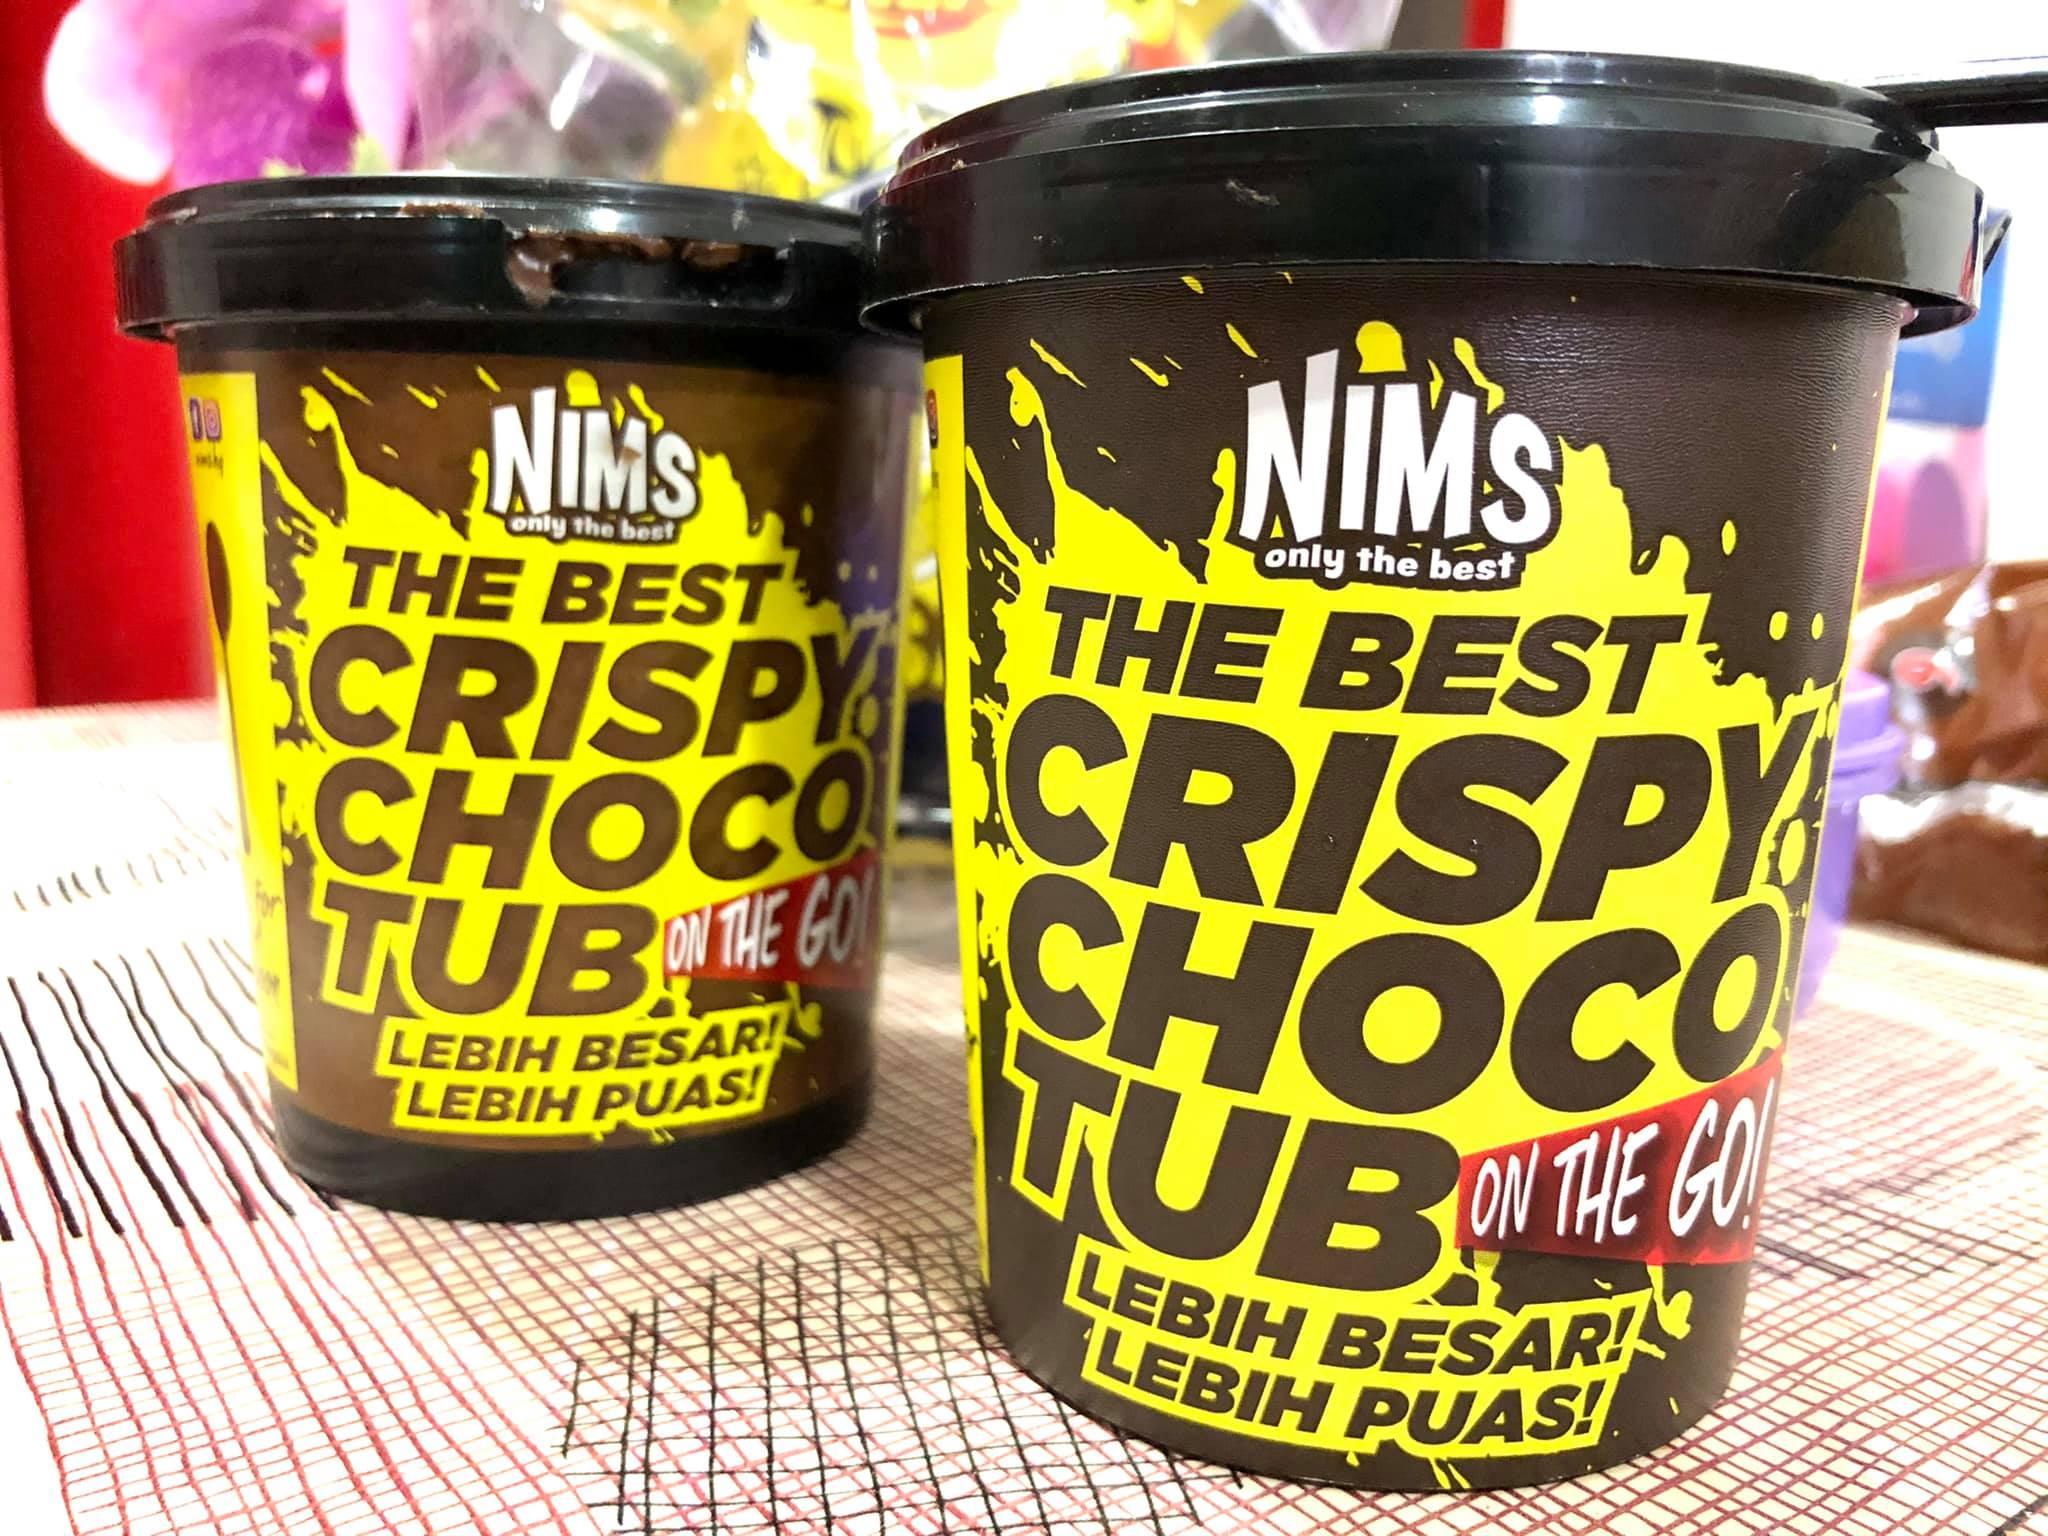 Crispy Choco Tub